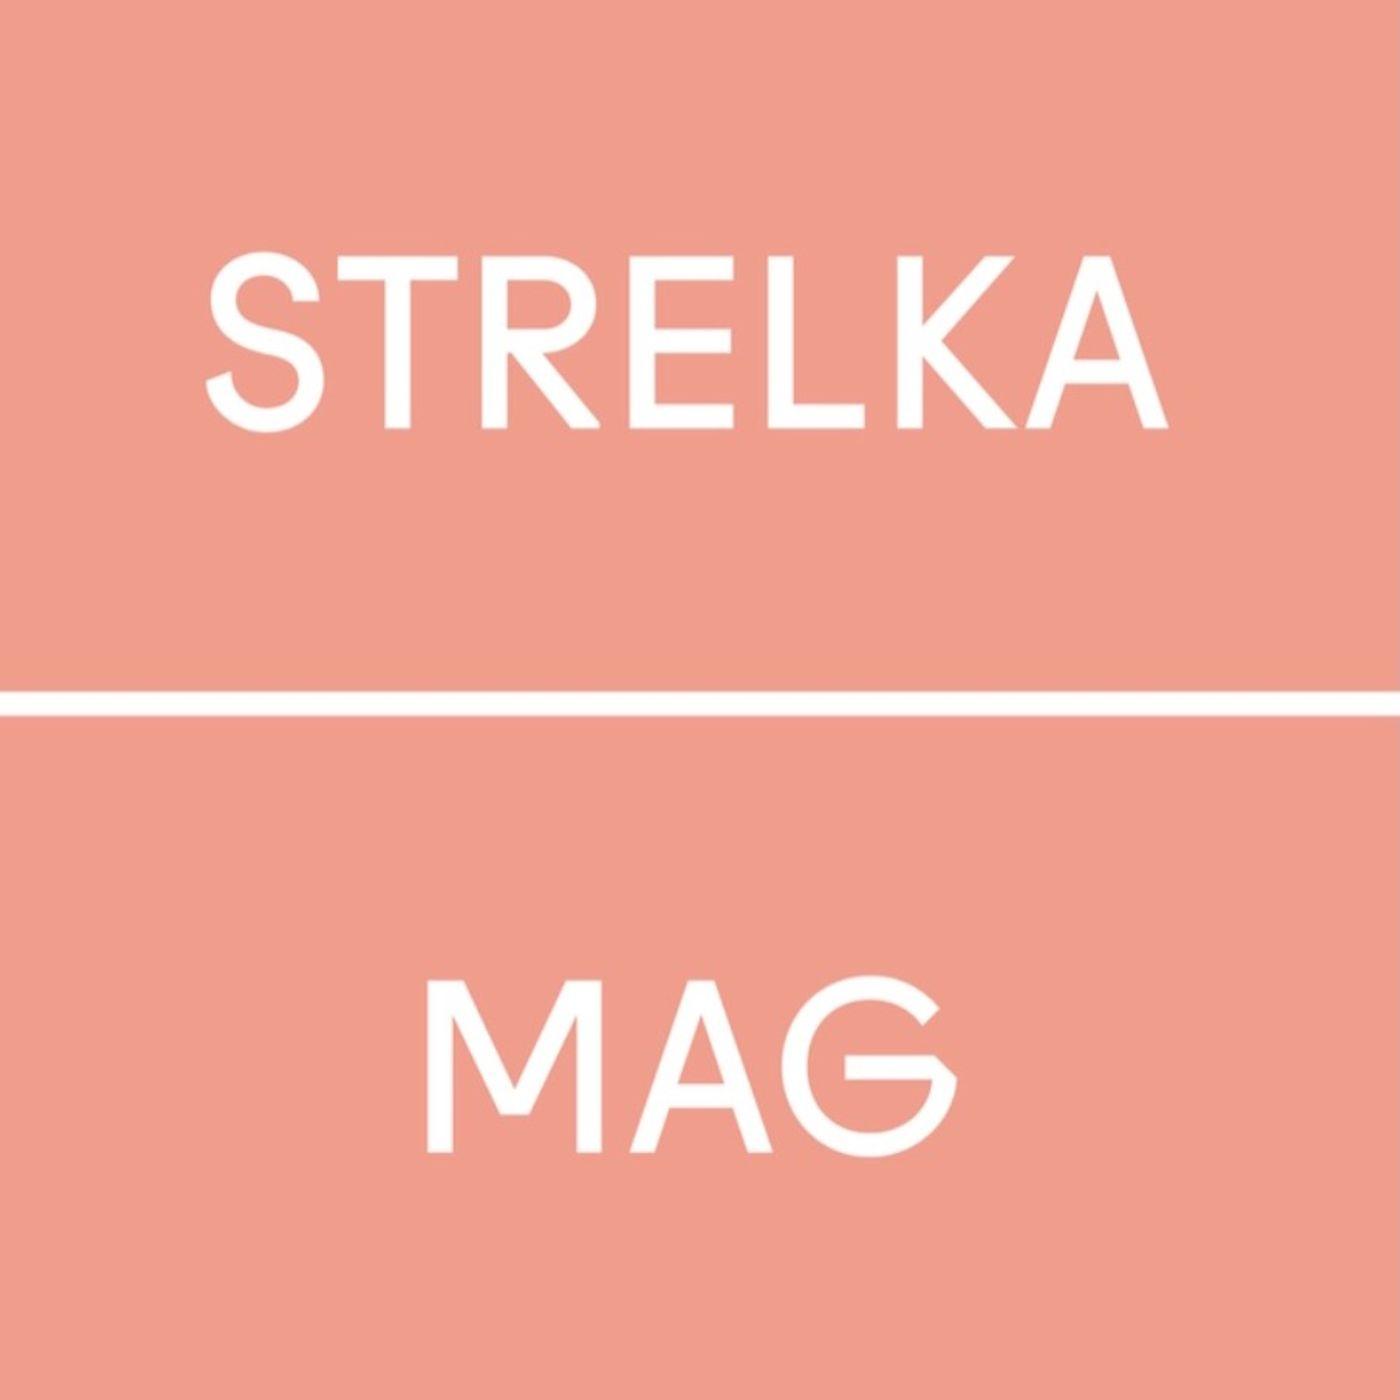 Нехорошая квартира: разговор о рынке недвижимости с создателями бота HomeBro на Strelka Mag